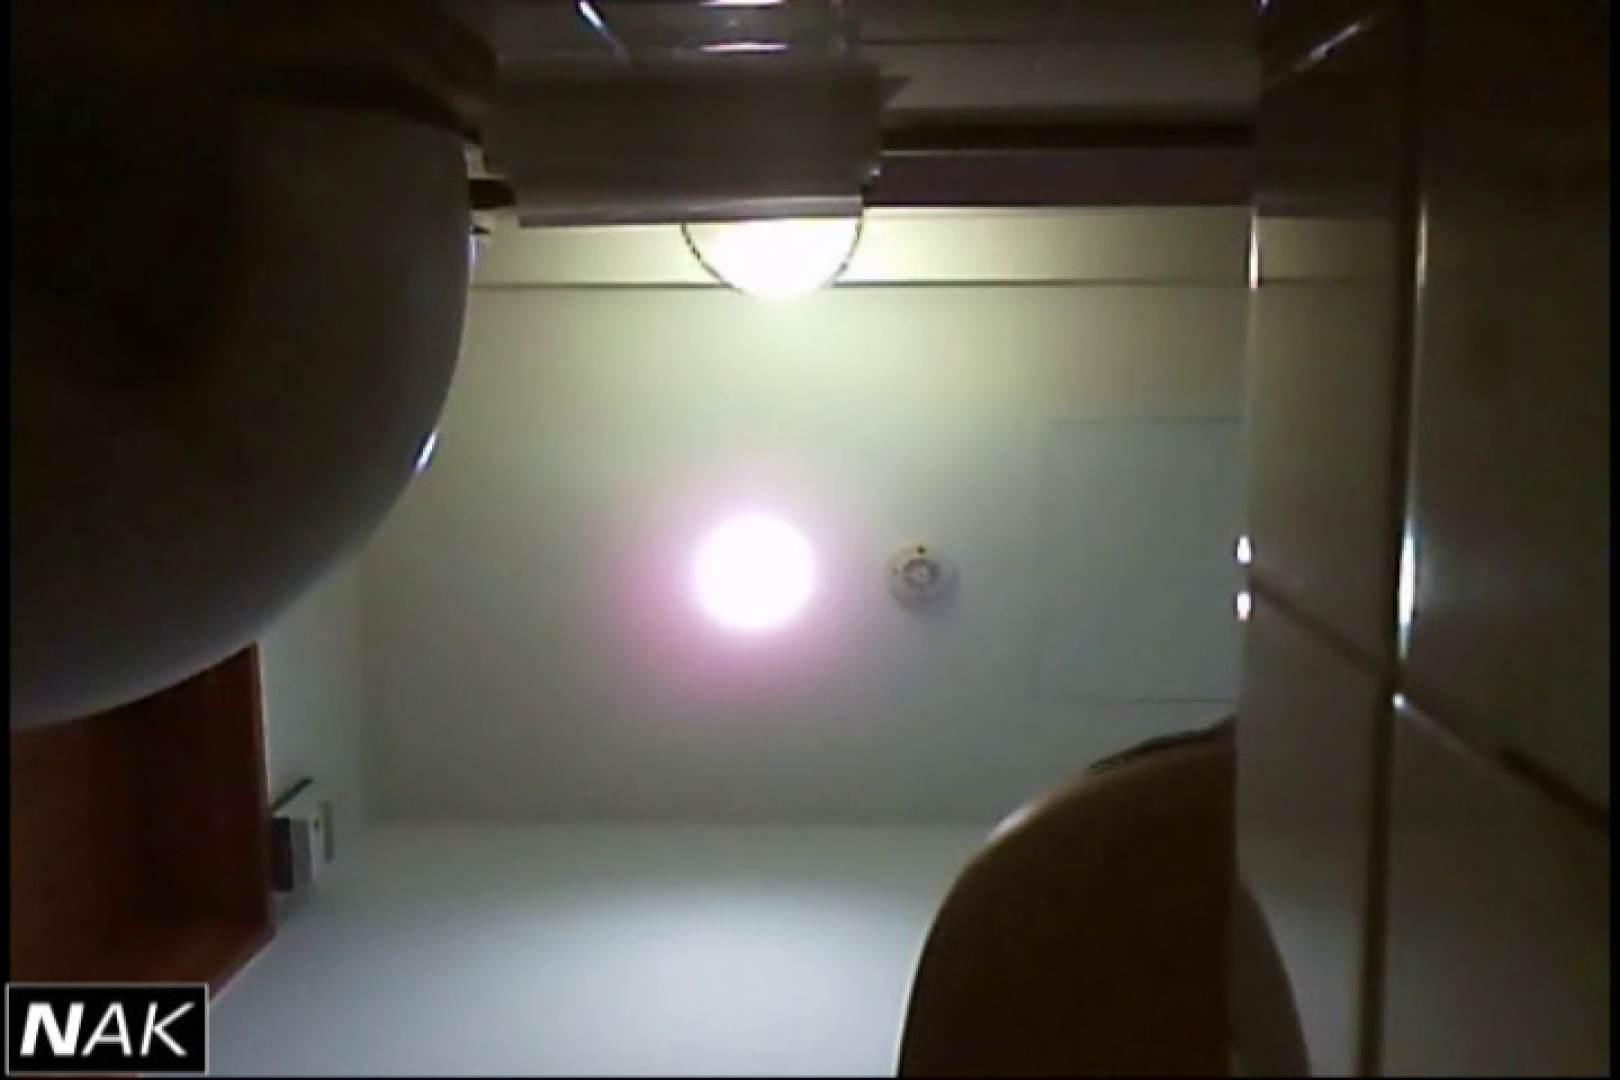 亀さんかわや VIP和式2カメバージョン! vol.14 HなOL アダルト動画キャプチャ 100pic 37